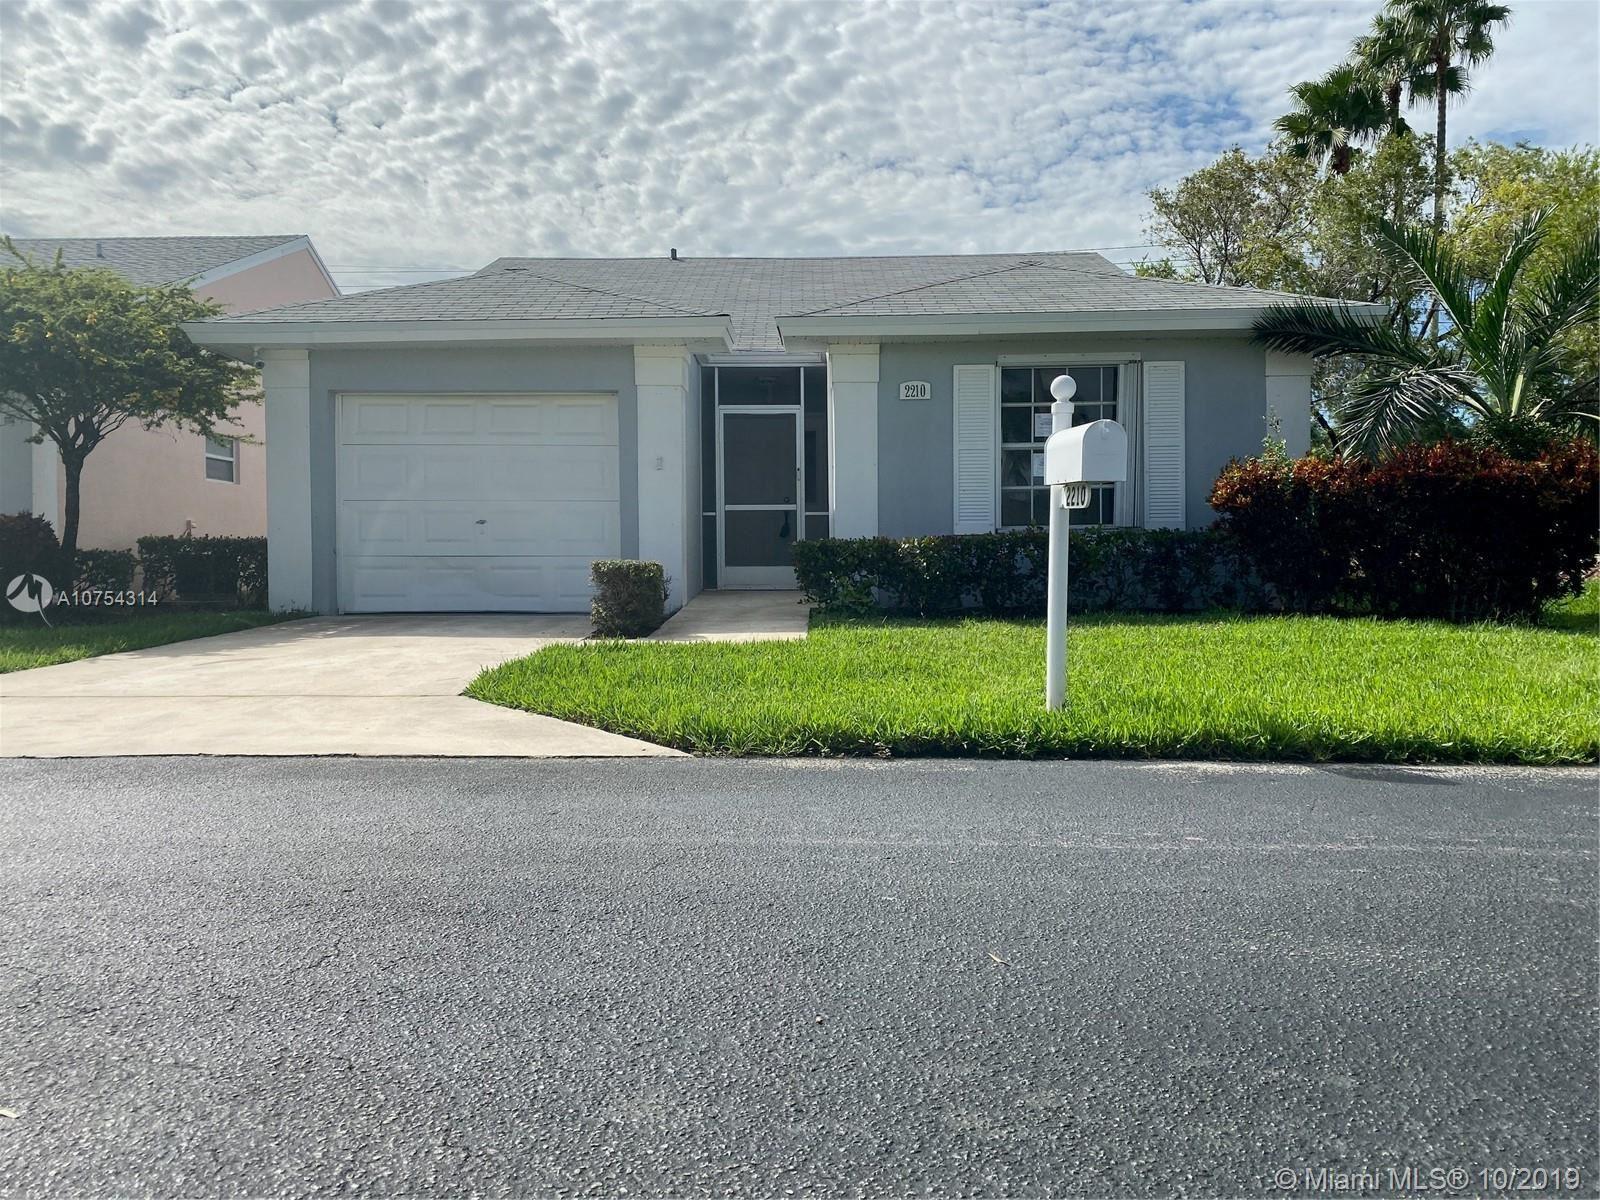 2210 SE 7th Pl, Homestead, FL 33033 - MLS#: A10754314